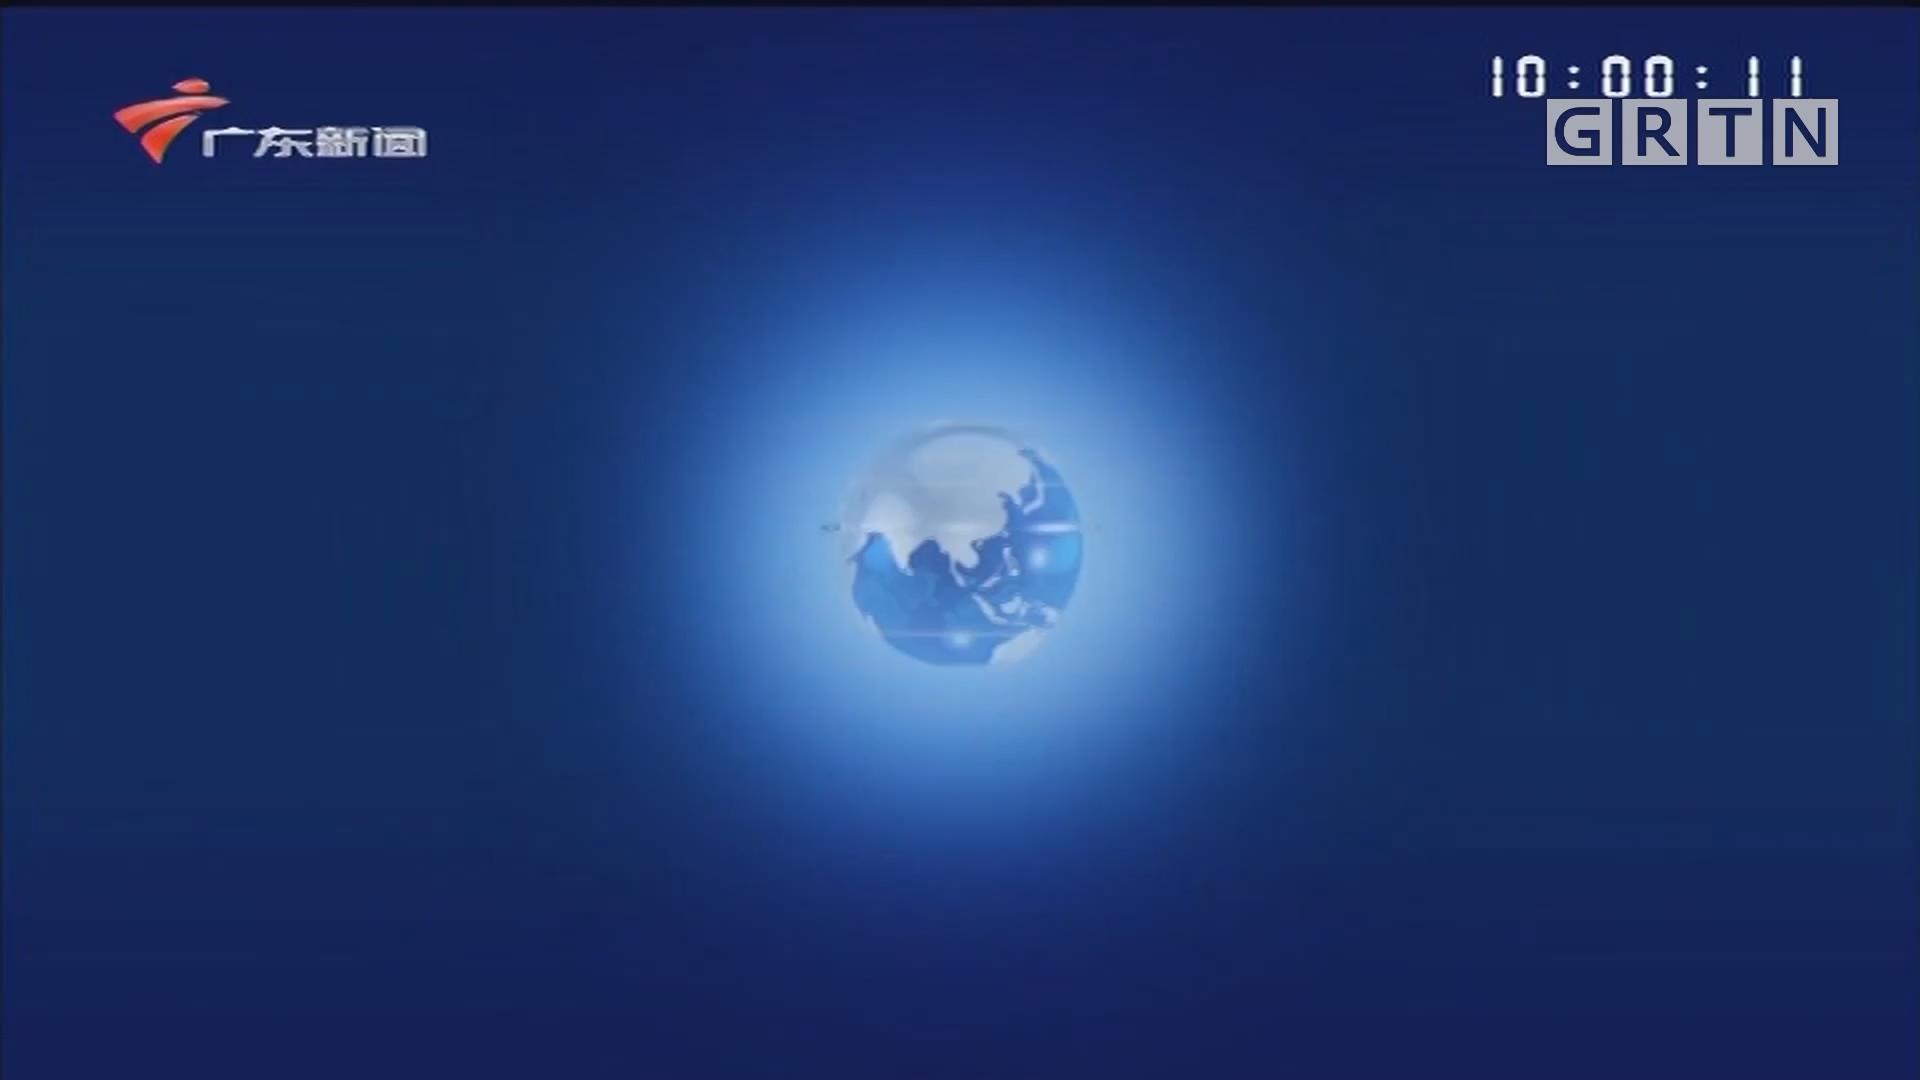 [HD][2019-12-16-10:00]正点播报:较强冷空气周三影响广东